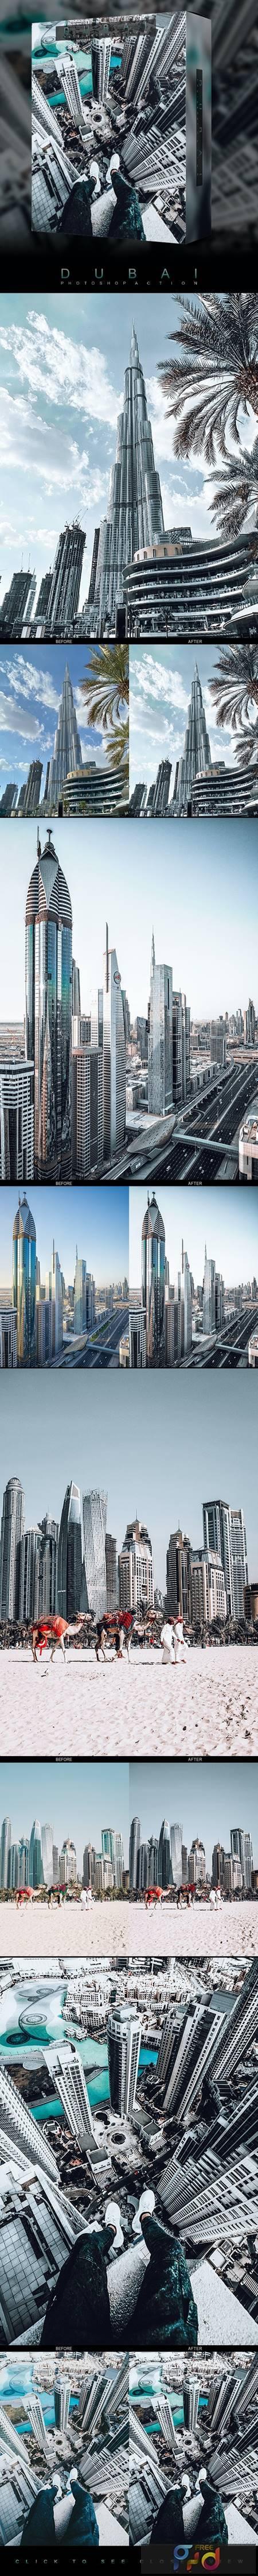 Famous Citys - DUBAI - Photoshop Action 26697077 1